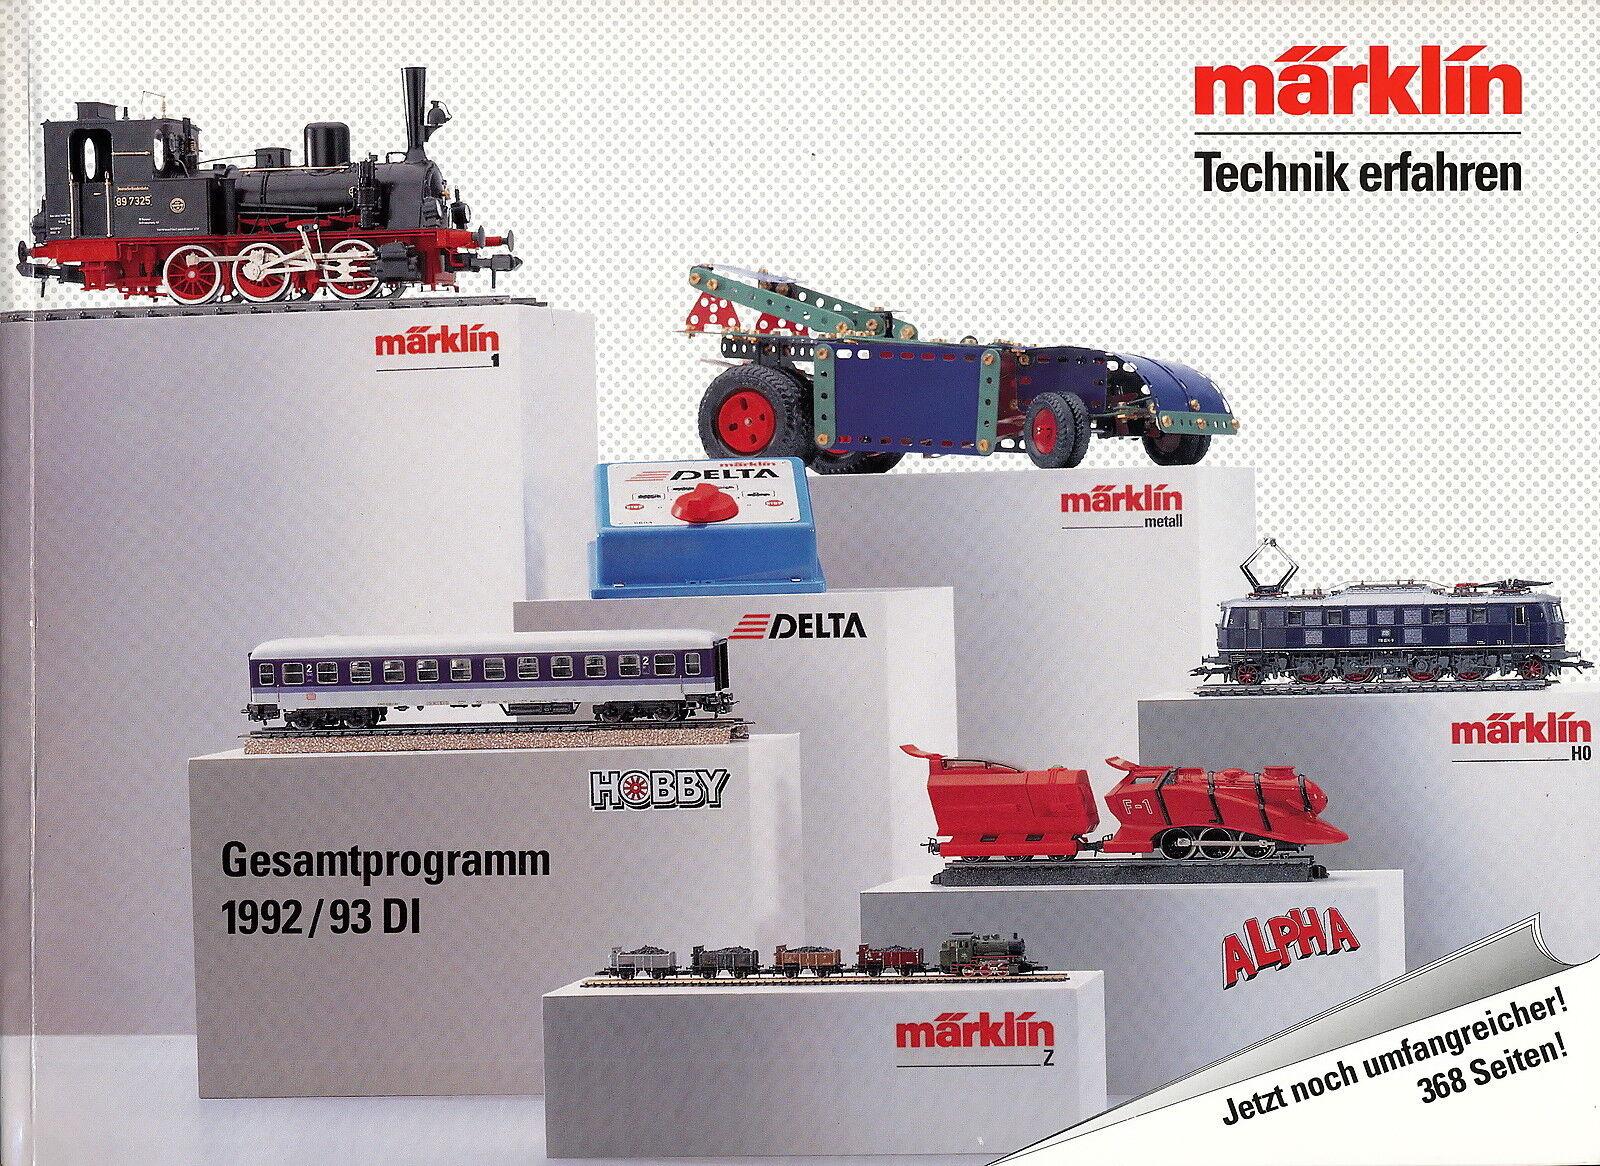 Märklin Gesamtprogramm Katalog 1992 1993 372 S. 0,83 kg Marklin Broschüre german